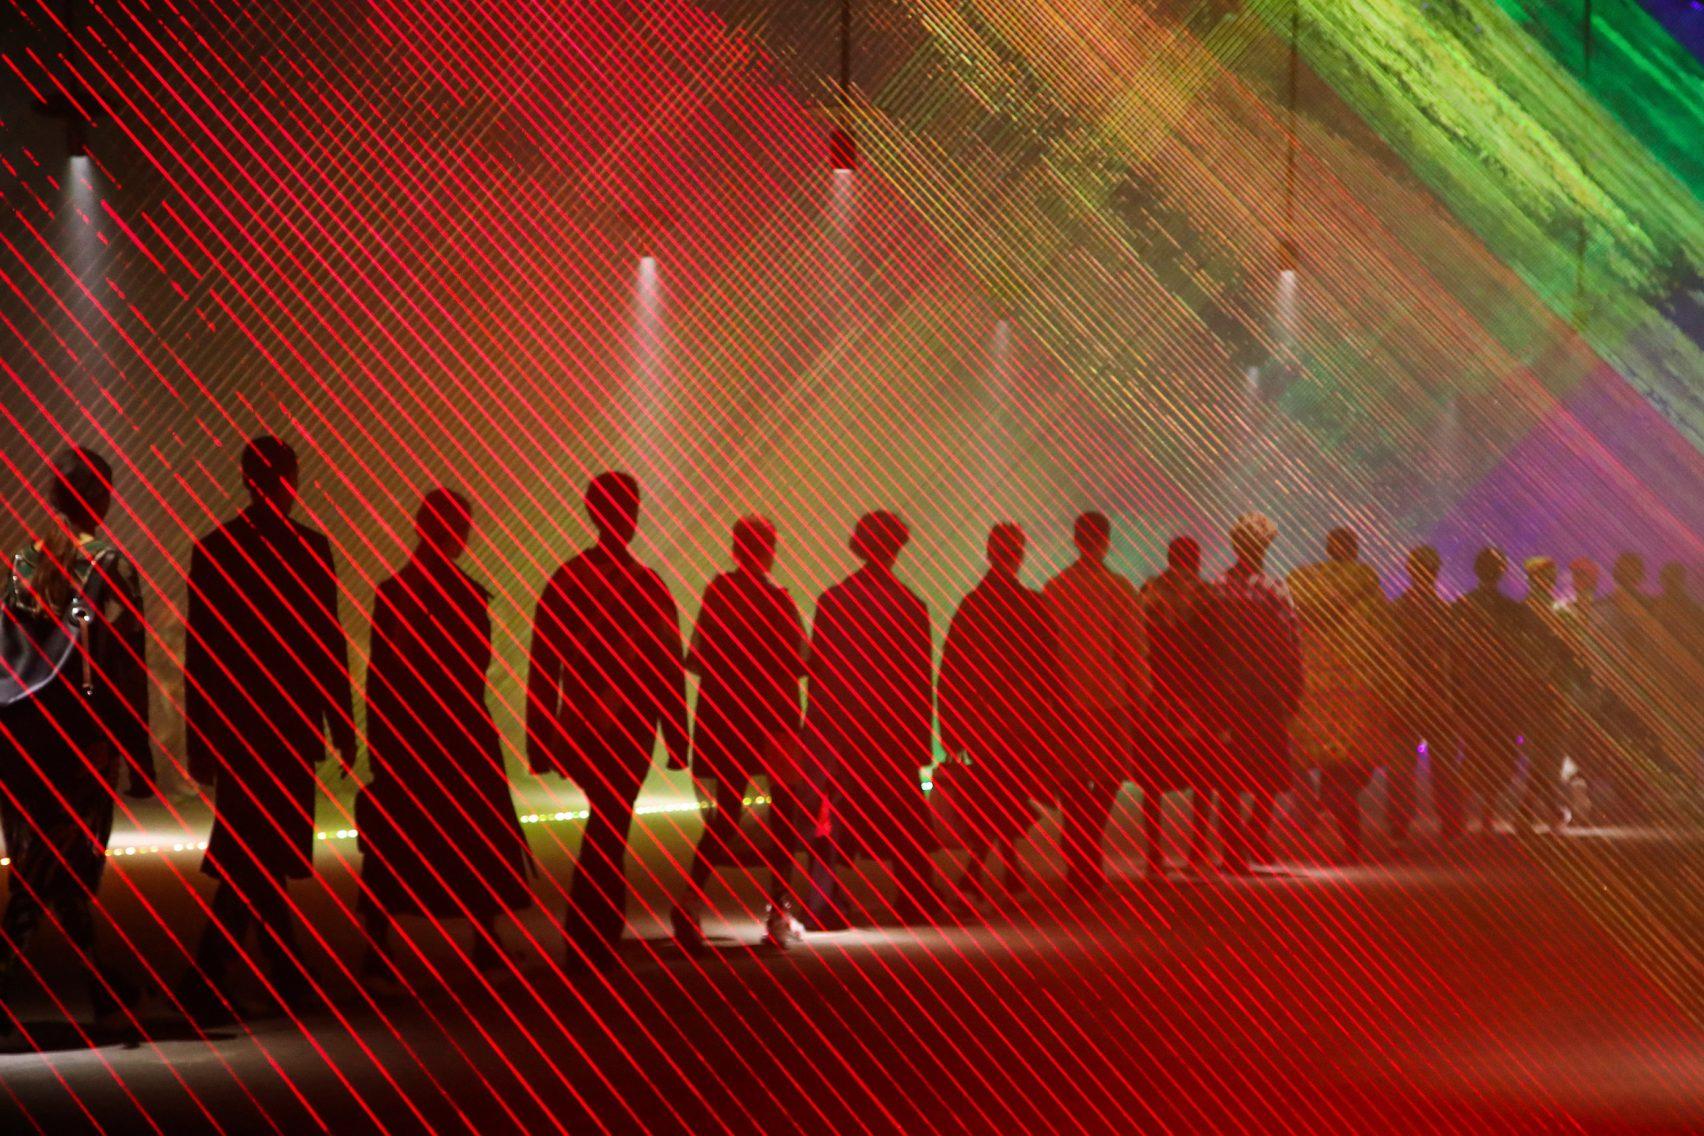 Burberry'den Gökkuşağının Renkleriyle Süslü Işık Gösterisi